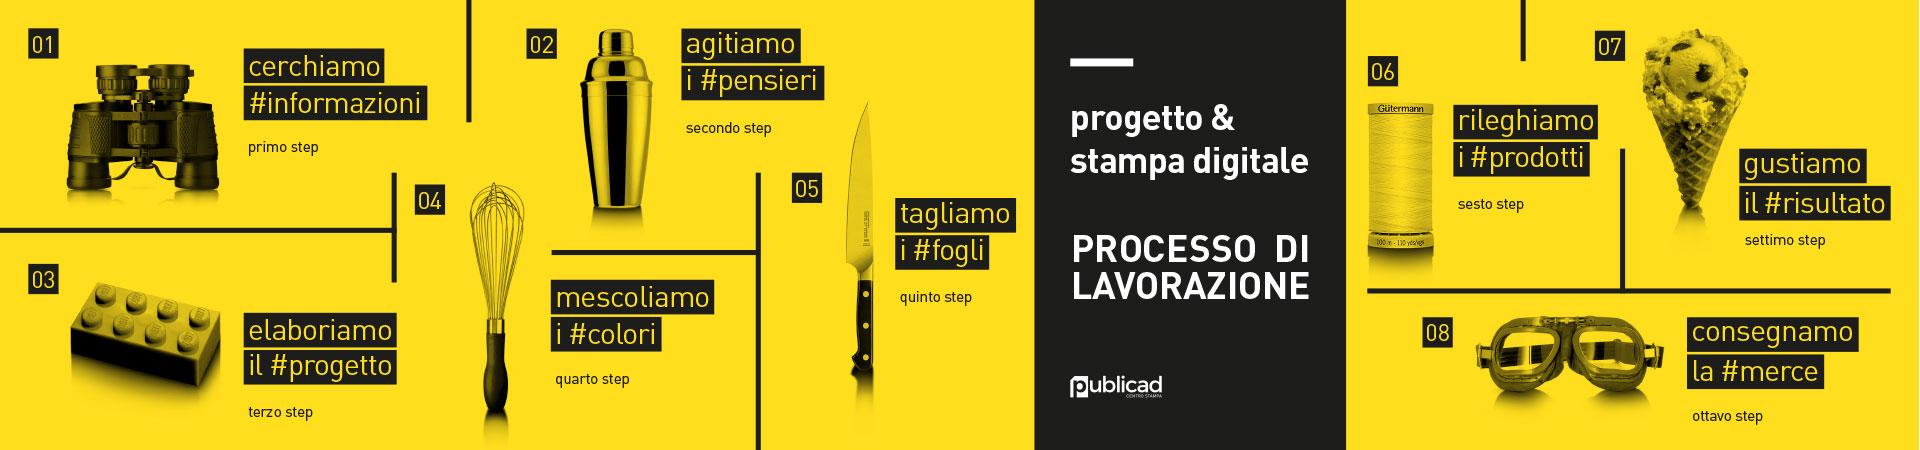 slide processo creativo